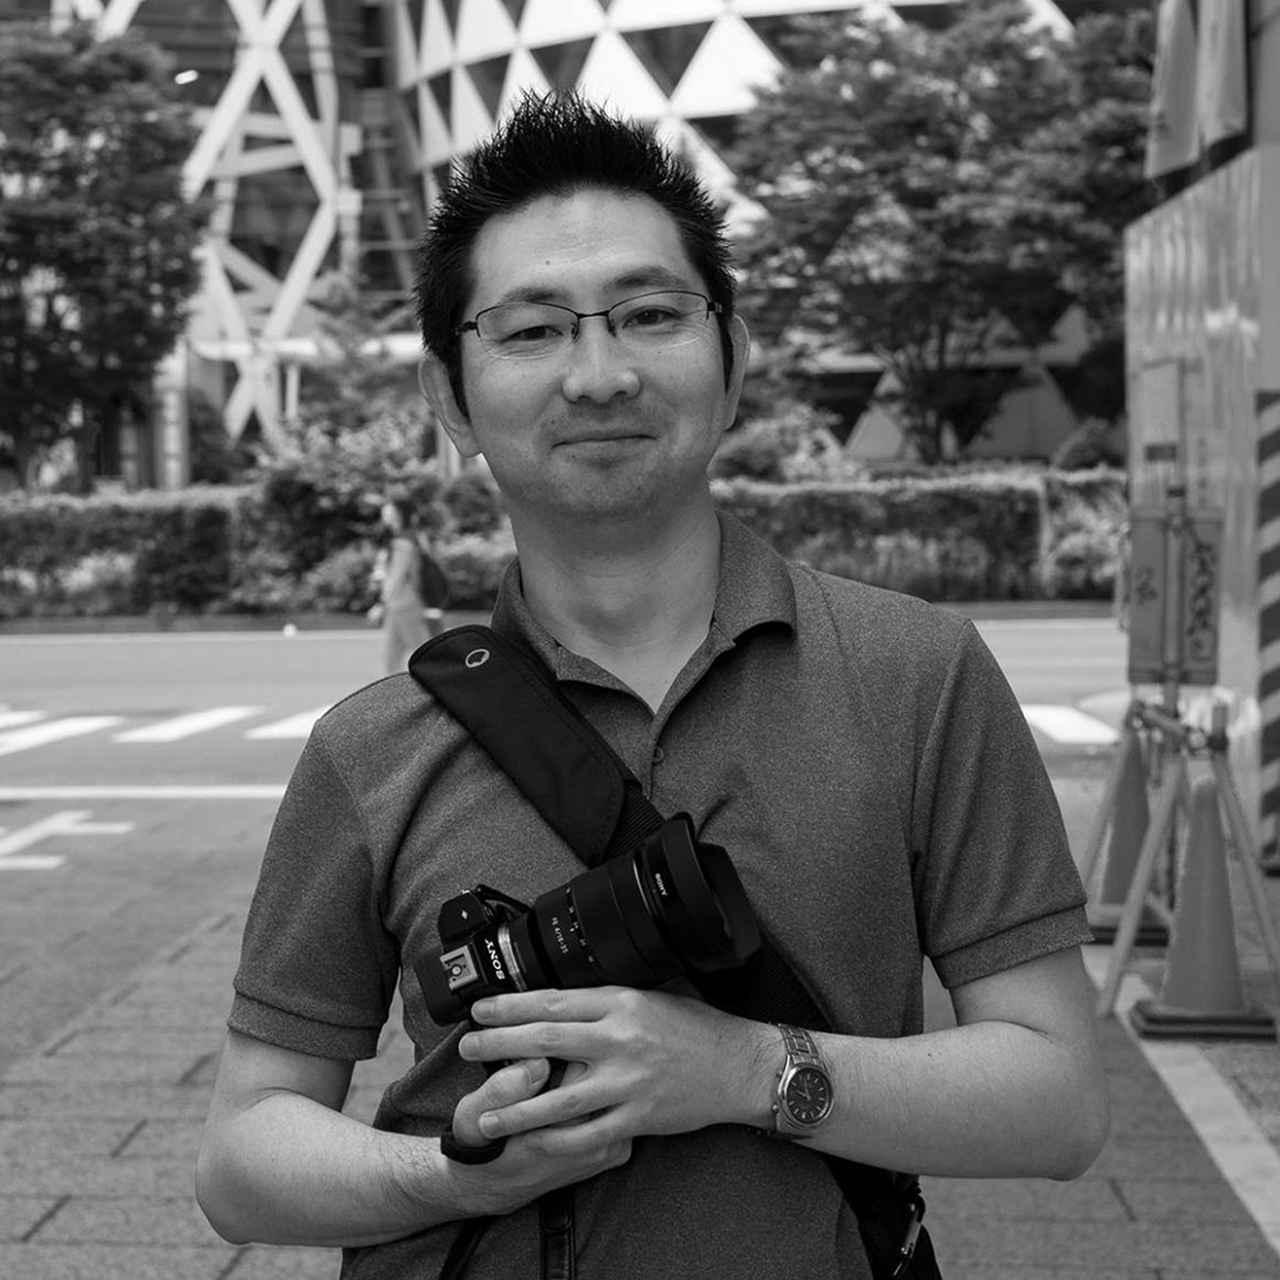 画像1: カメラマン2021カレンダーのご紹介Part30 荒幡信行さん「赤外線の情景」